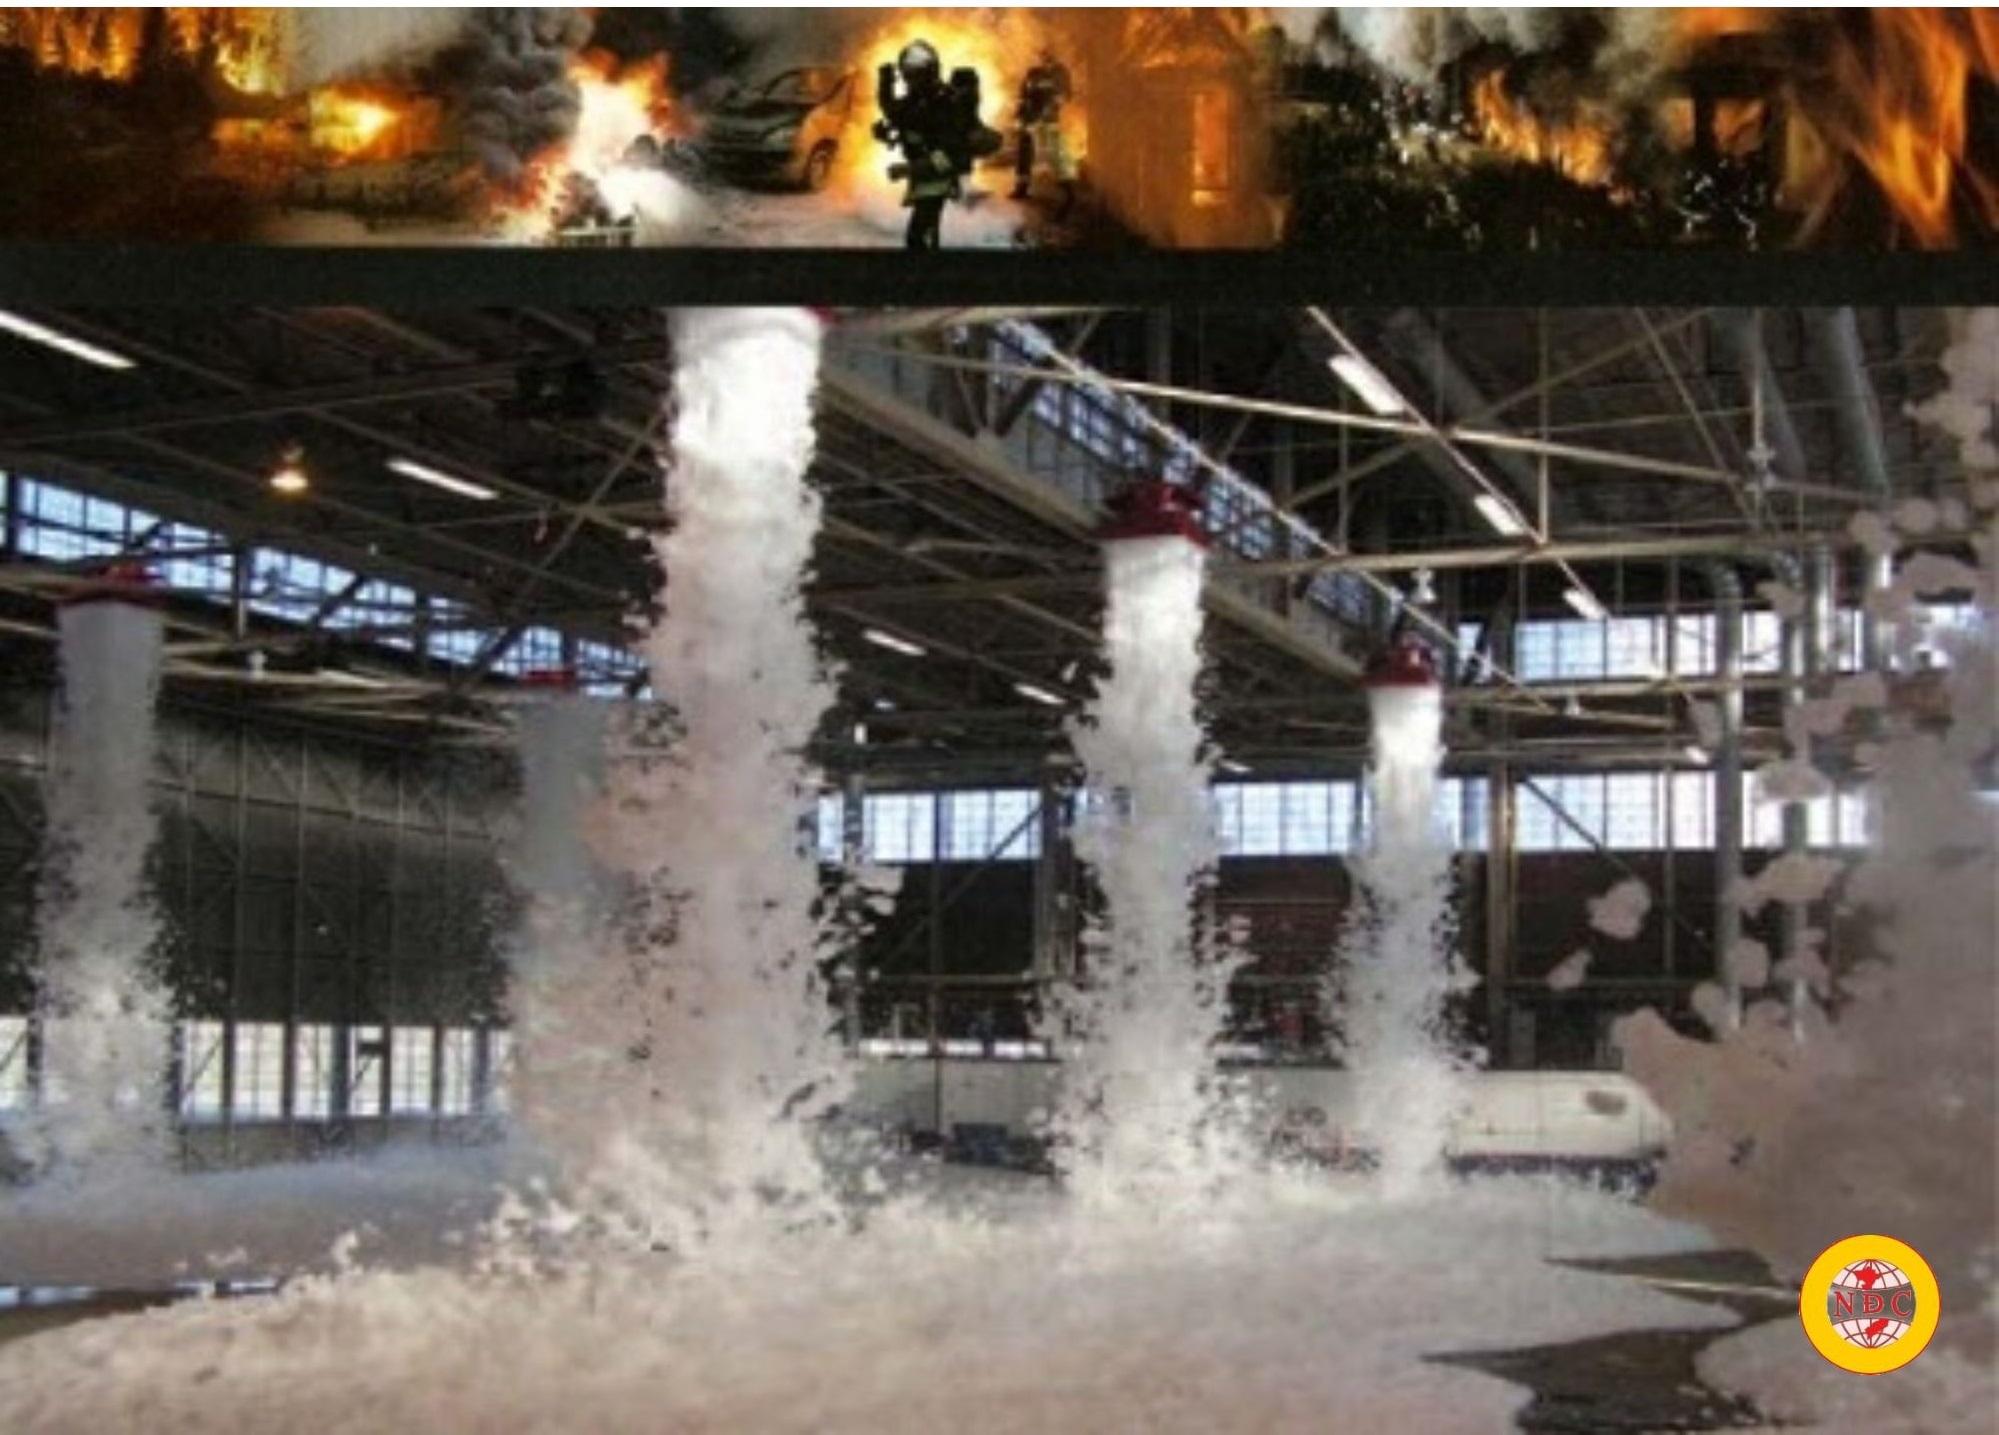 Thi Công Hệ Thống PCCC | Thi Công Lắp Đặt Hệ Thống Chữa Cháy Uy Tín Tại TP.HCM